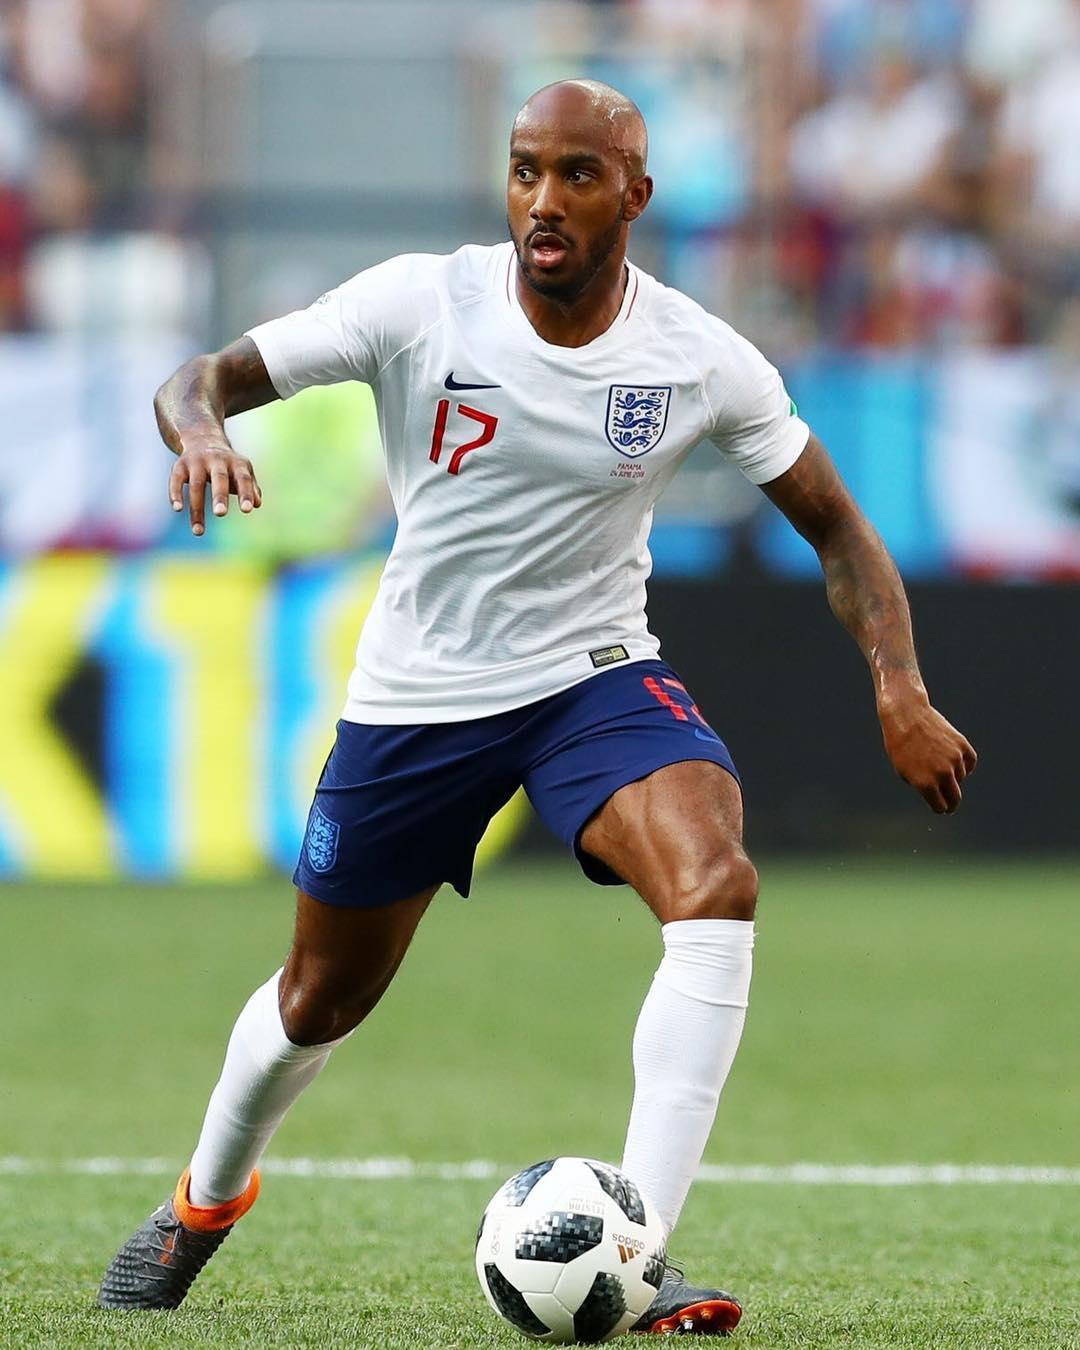 Семья важнее: английский футболист покинет Чемпионат Мира из-за родов супруги